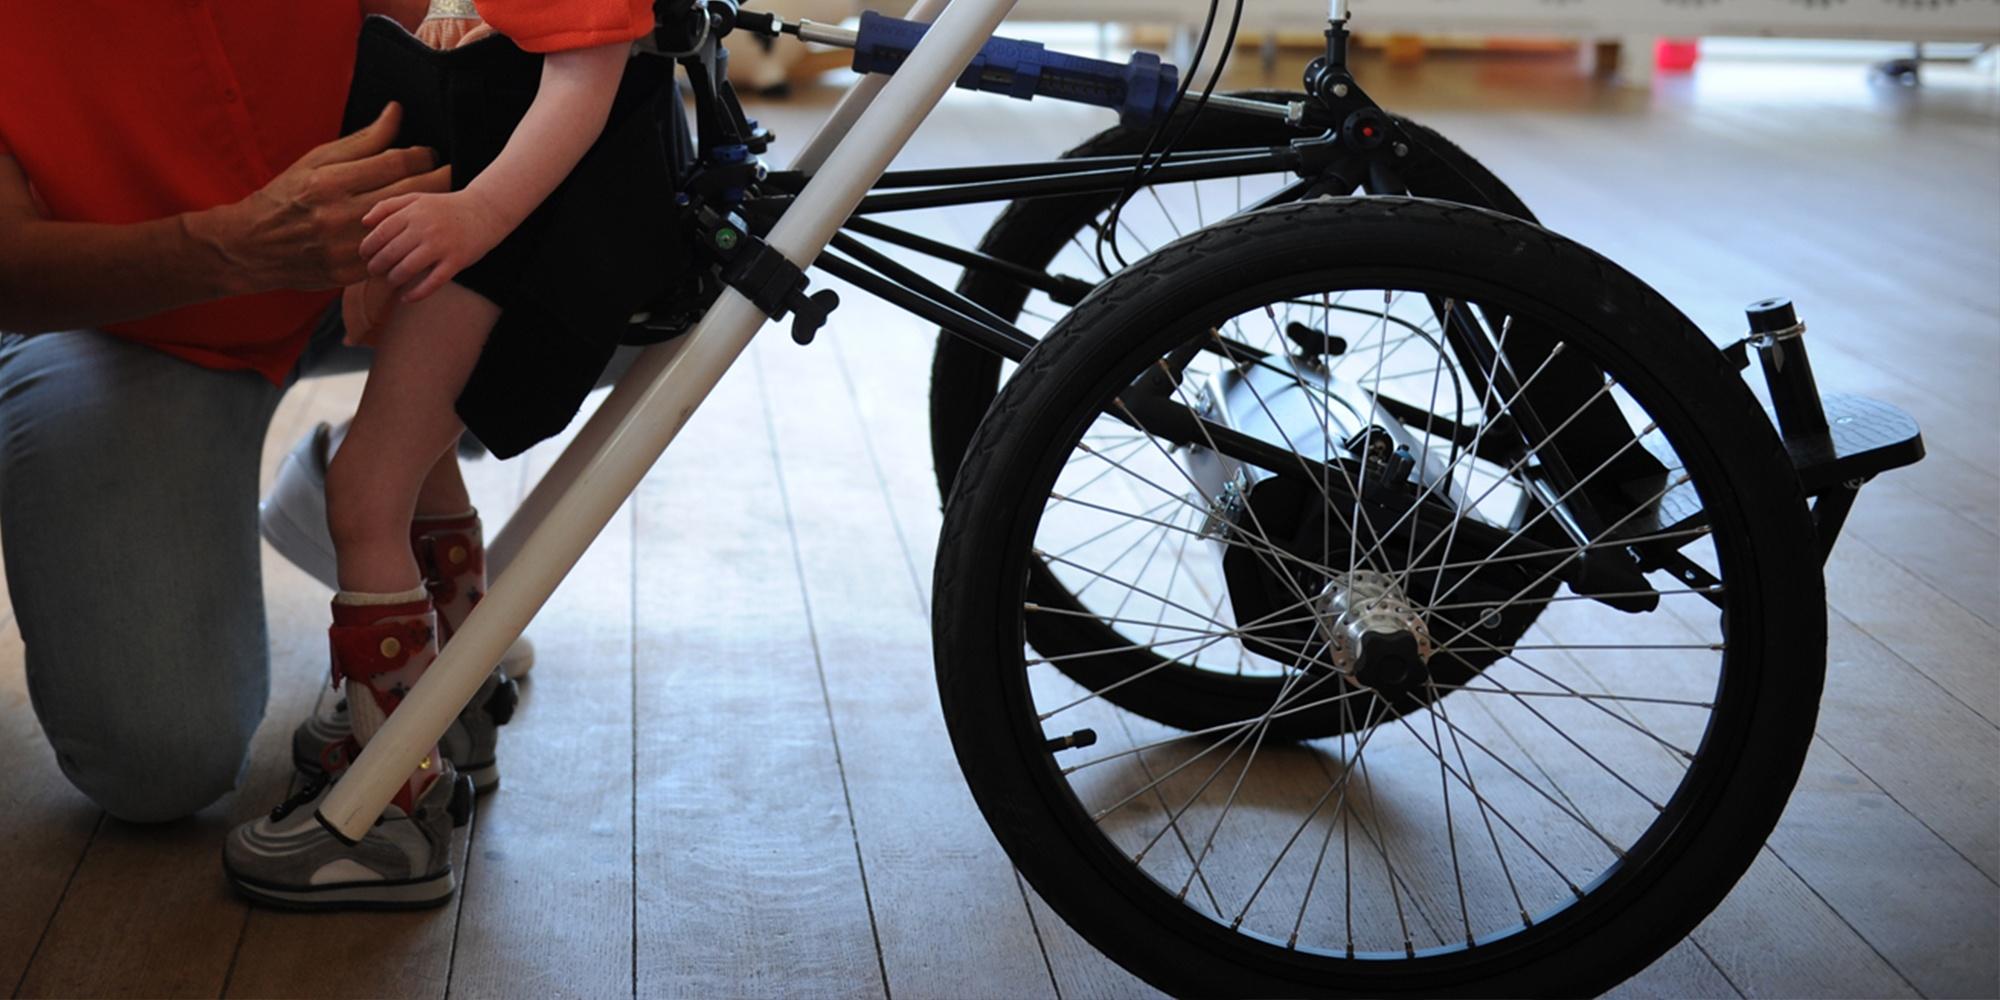 Wheels_Hibbot_indoor